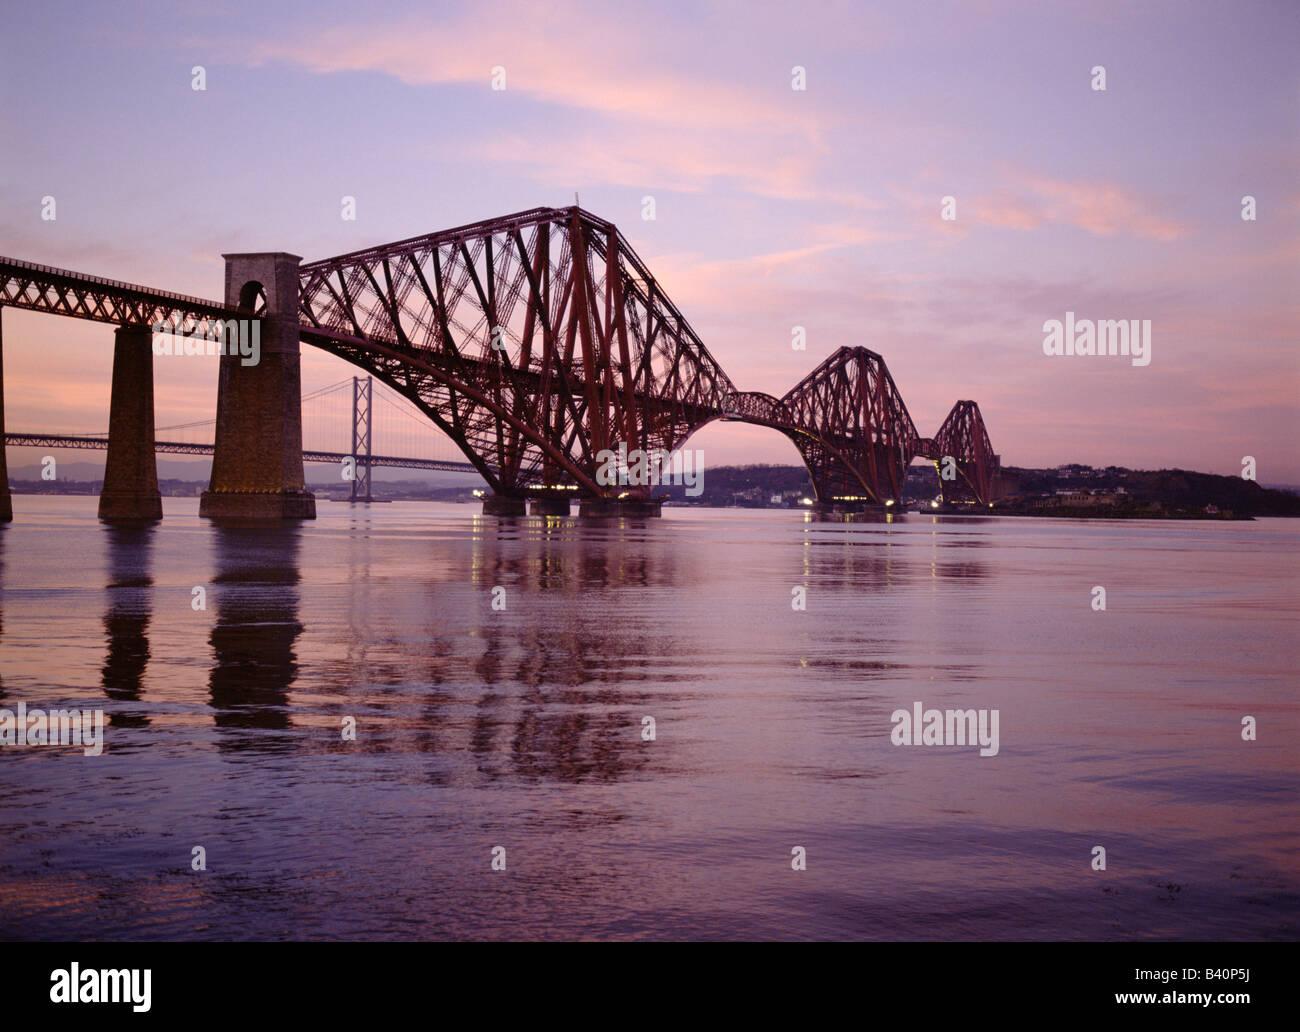 dh Railway Bridge Scotland FORTH BRIDGE FIRTH OF FORTH Scottish Engineering viktorianischen Cantilever Stahl Schienenbrücken Lothian Sonnenuntergang Dämmerung Stockfoto